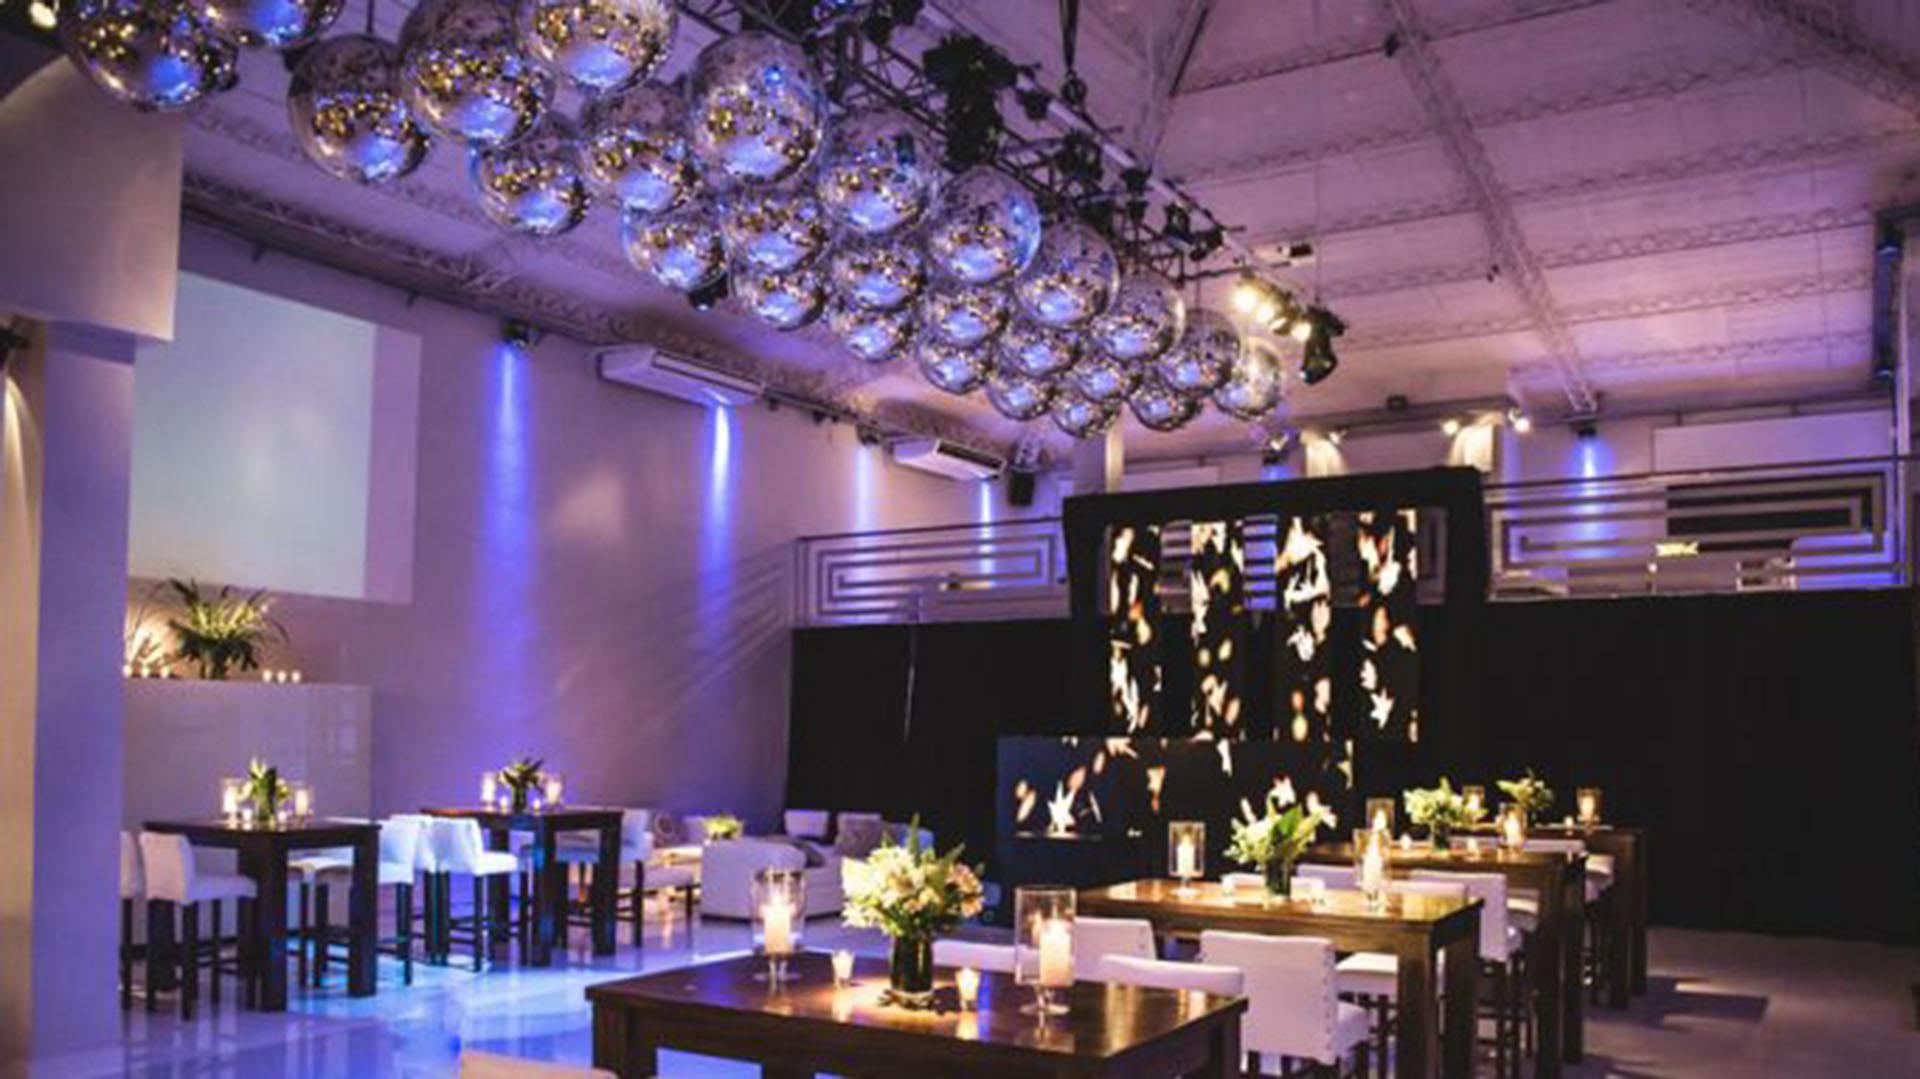 El complejo ofrece sus salones para todo tipo de fiestas: casamientos, despedidas de solteros y cumpleaños de 15, entre otros